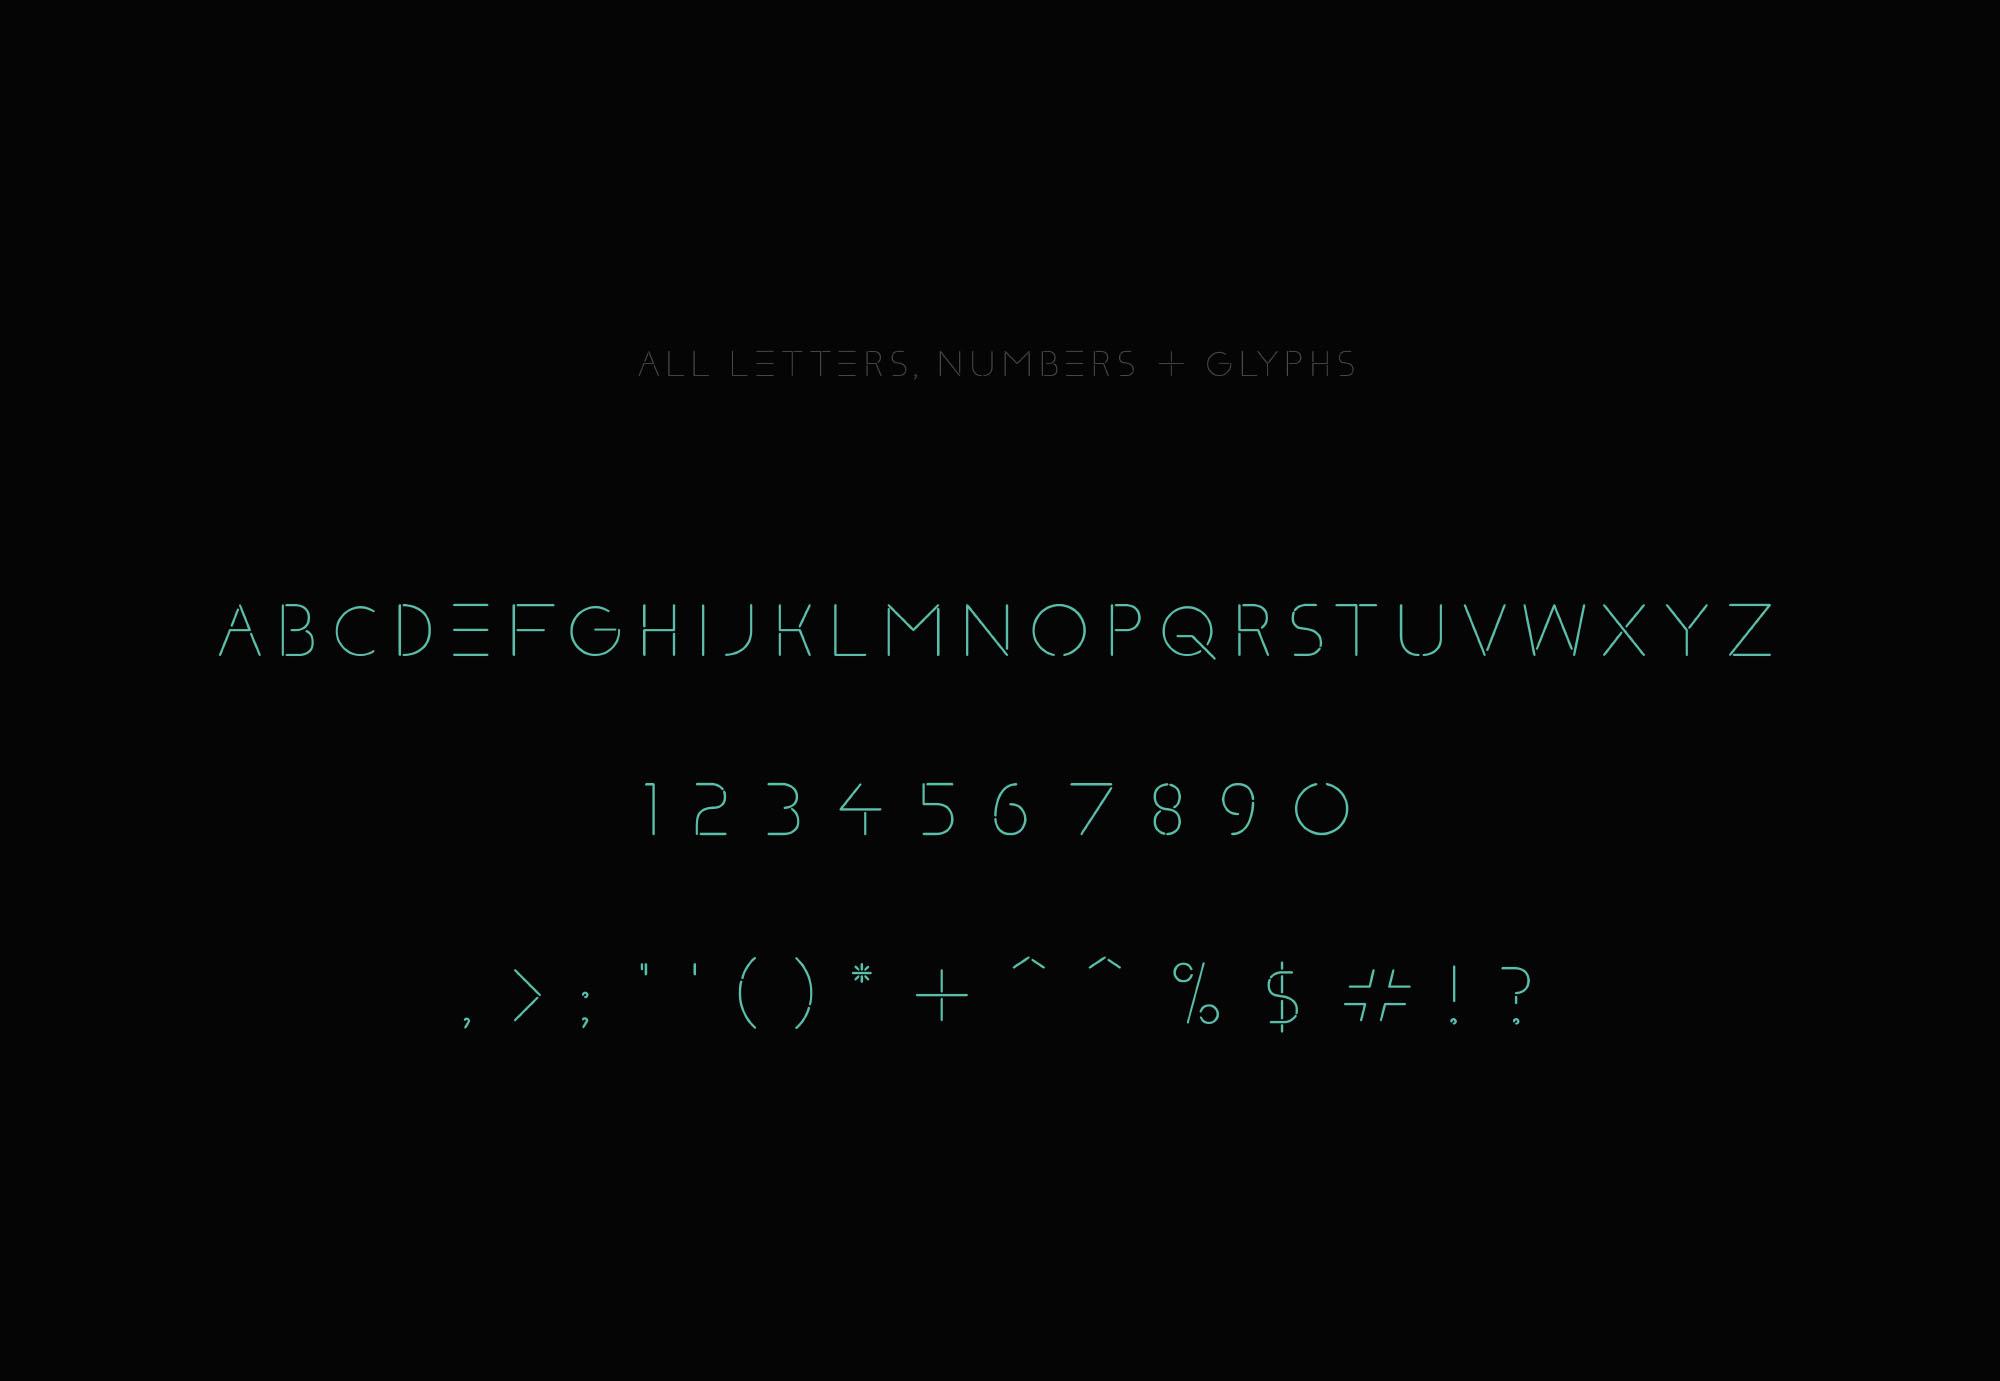 Klaxons Font - Letters